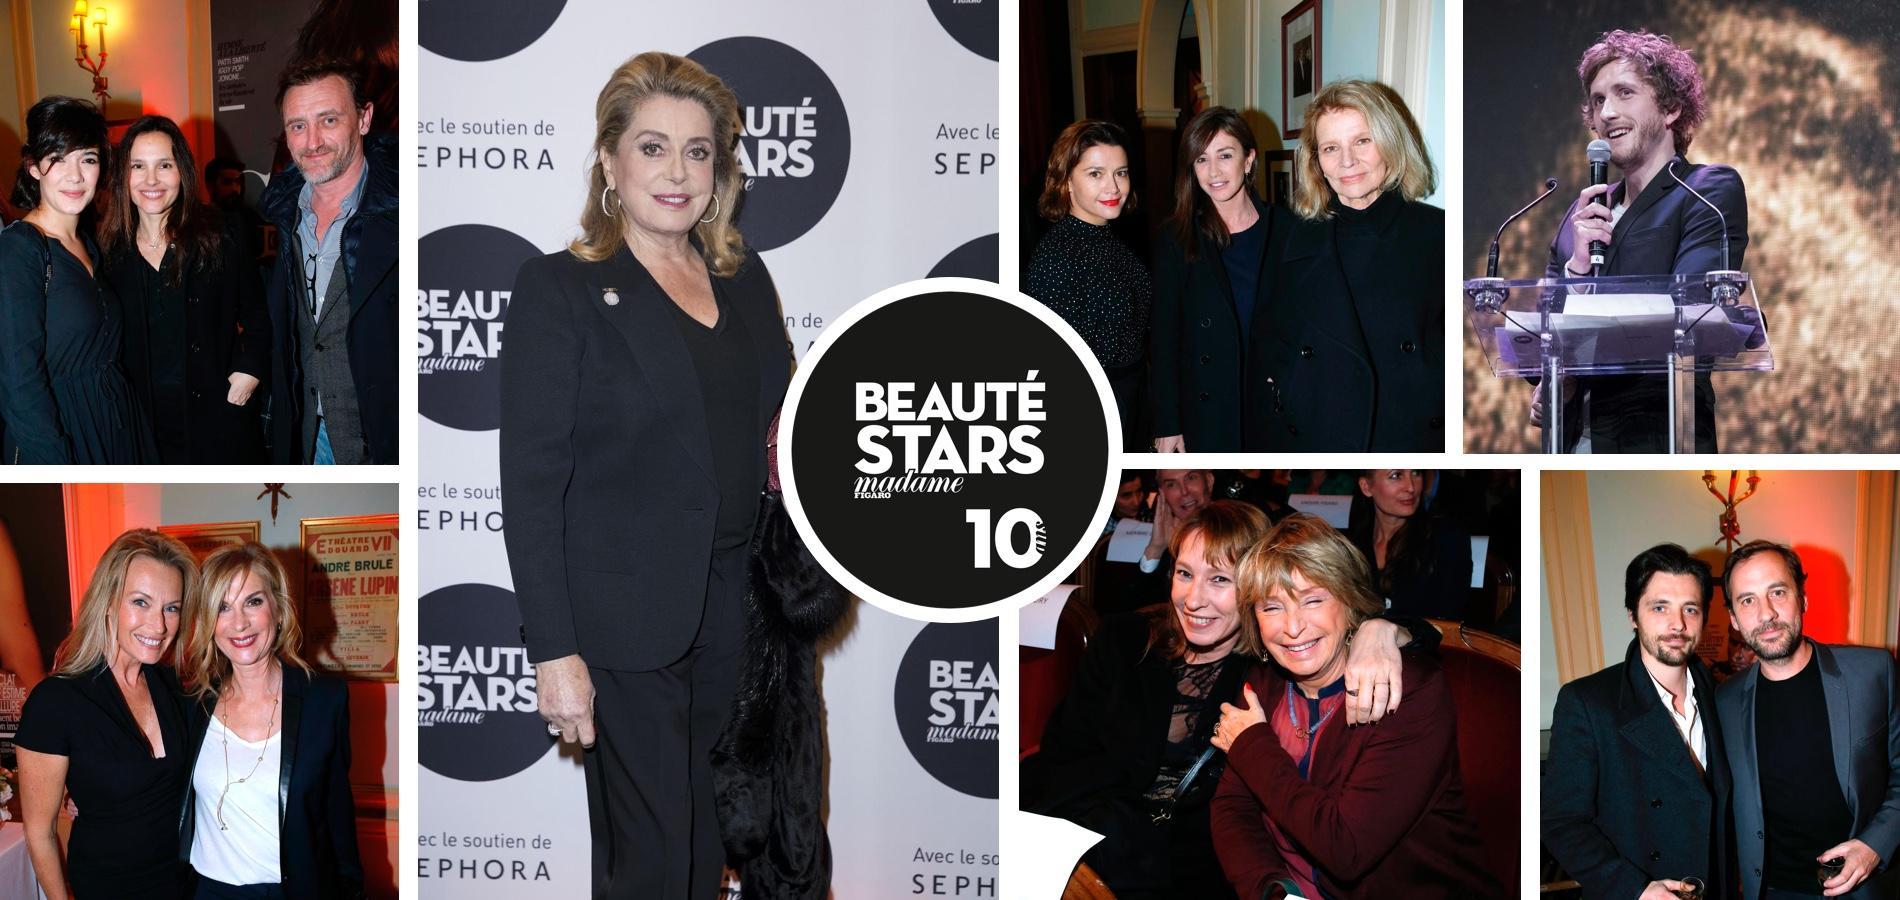 Prix Beauté Star Madame Figaro : quand la beauté fait son cinéma